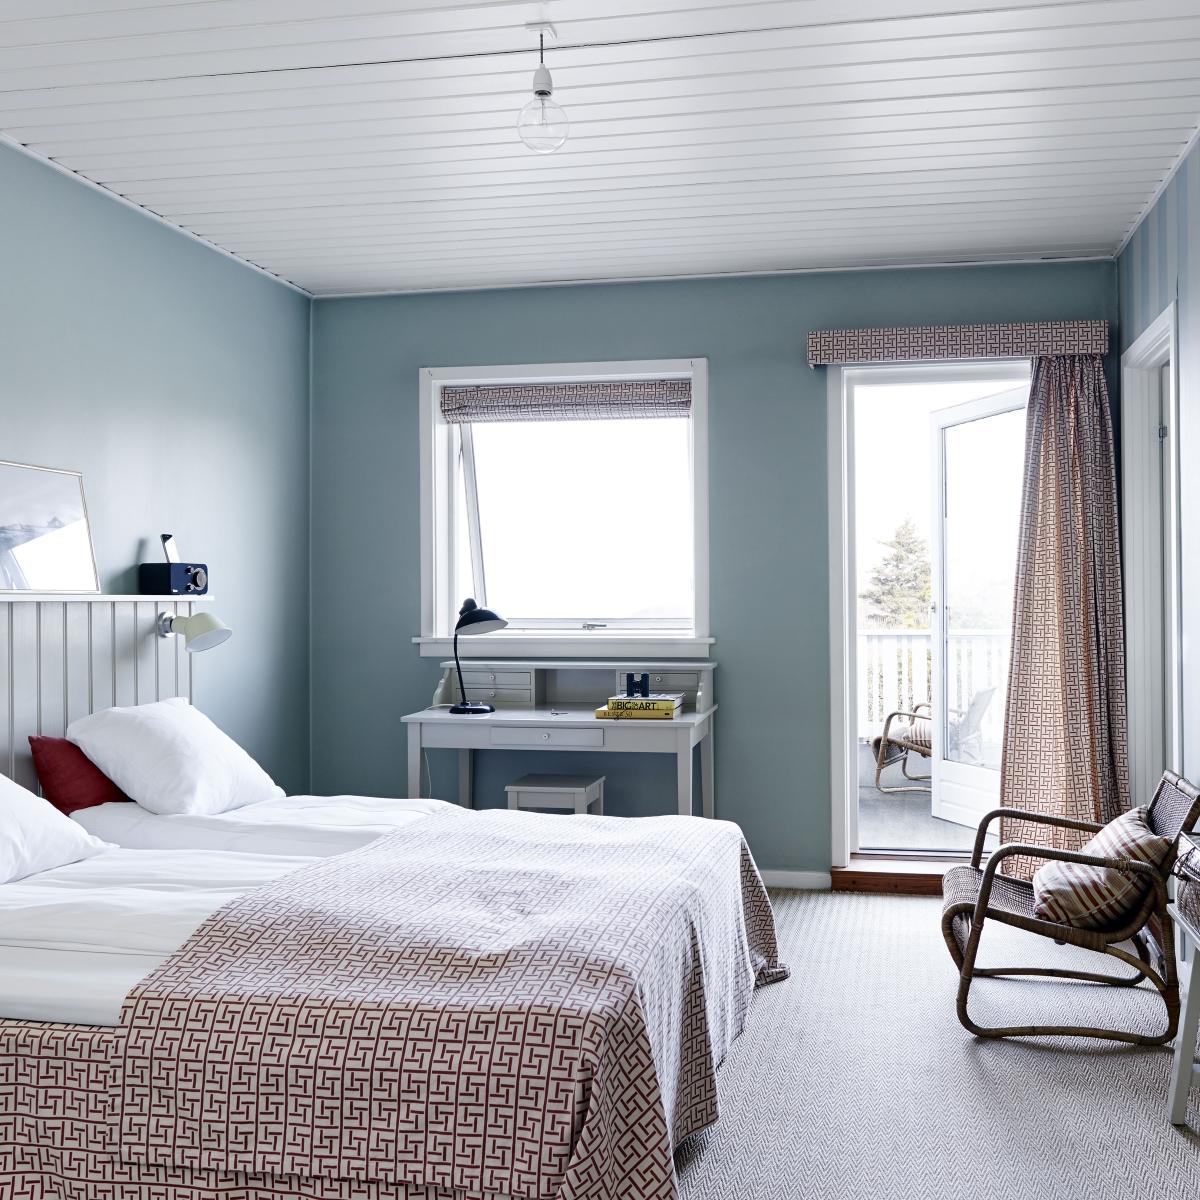 Helenekilde Badehotel bei Kopenhagen_Zimmer